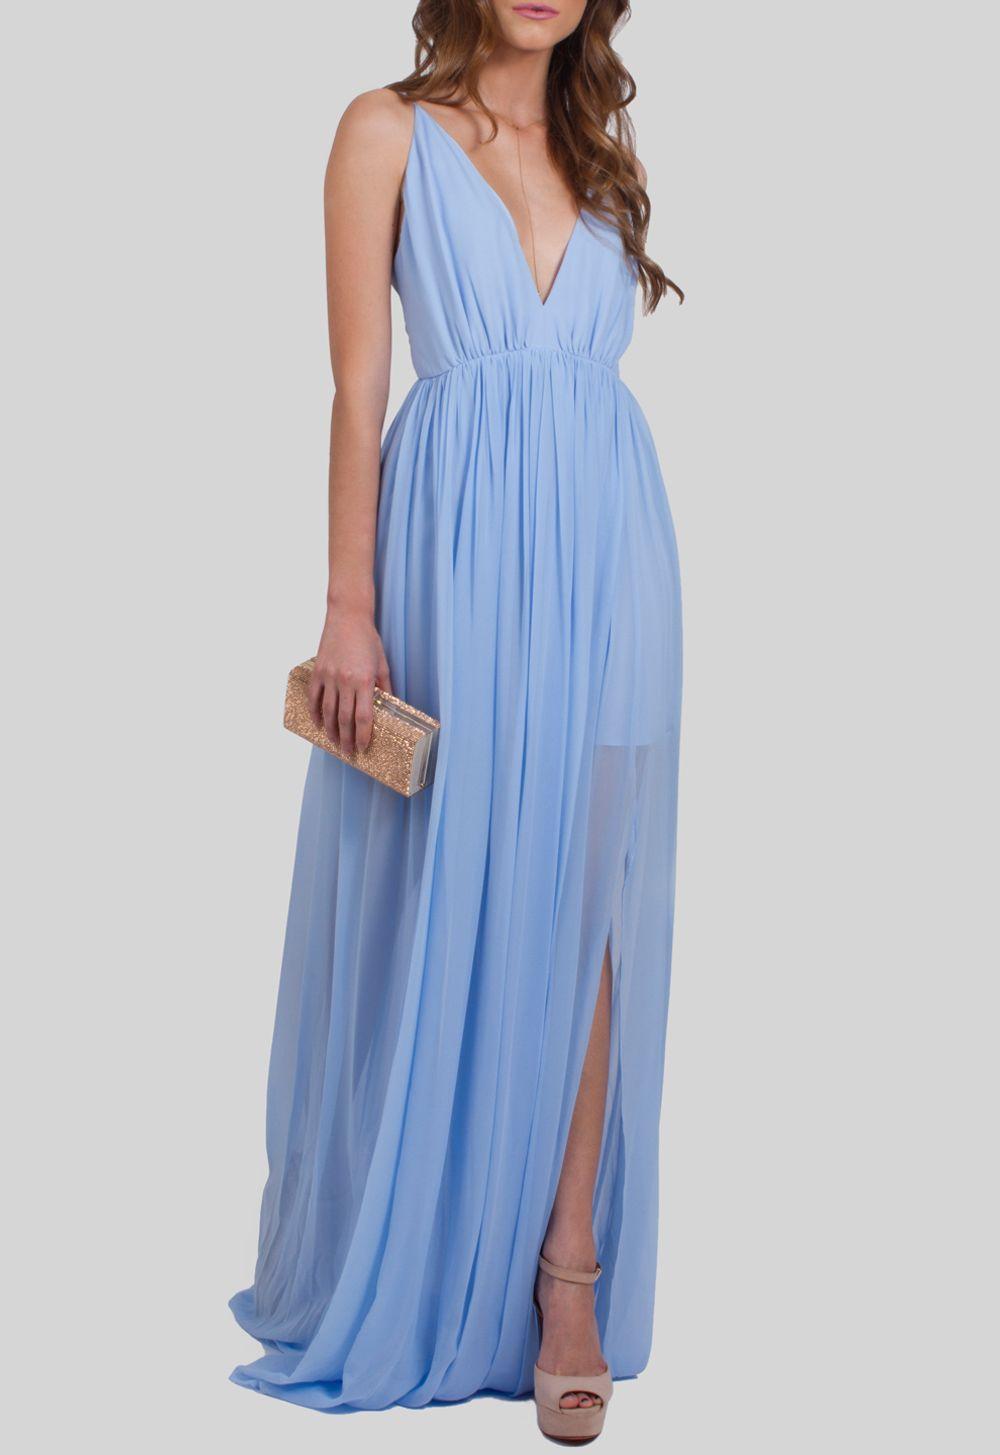 53950e656 vestido-lumiar-longo-saia-com-transparencia-carina-duek ...